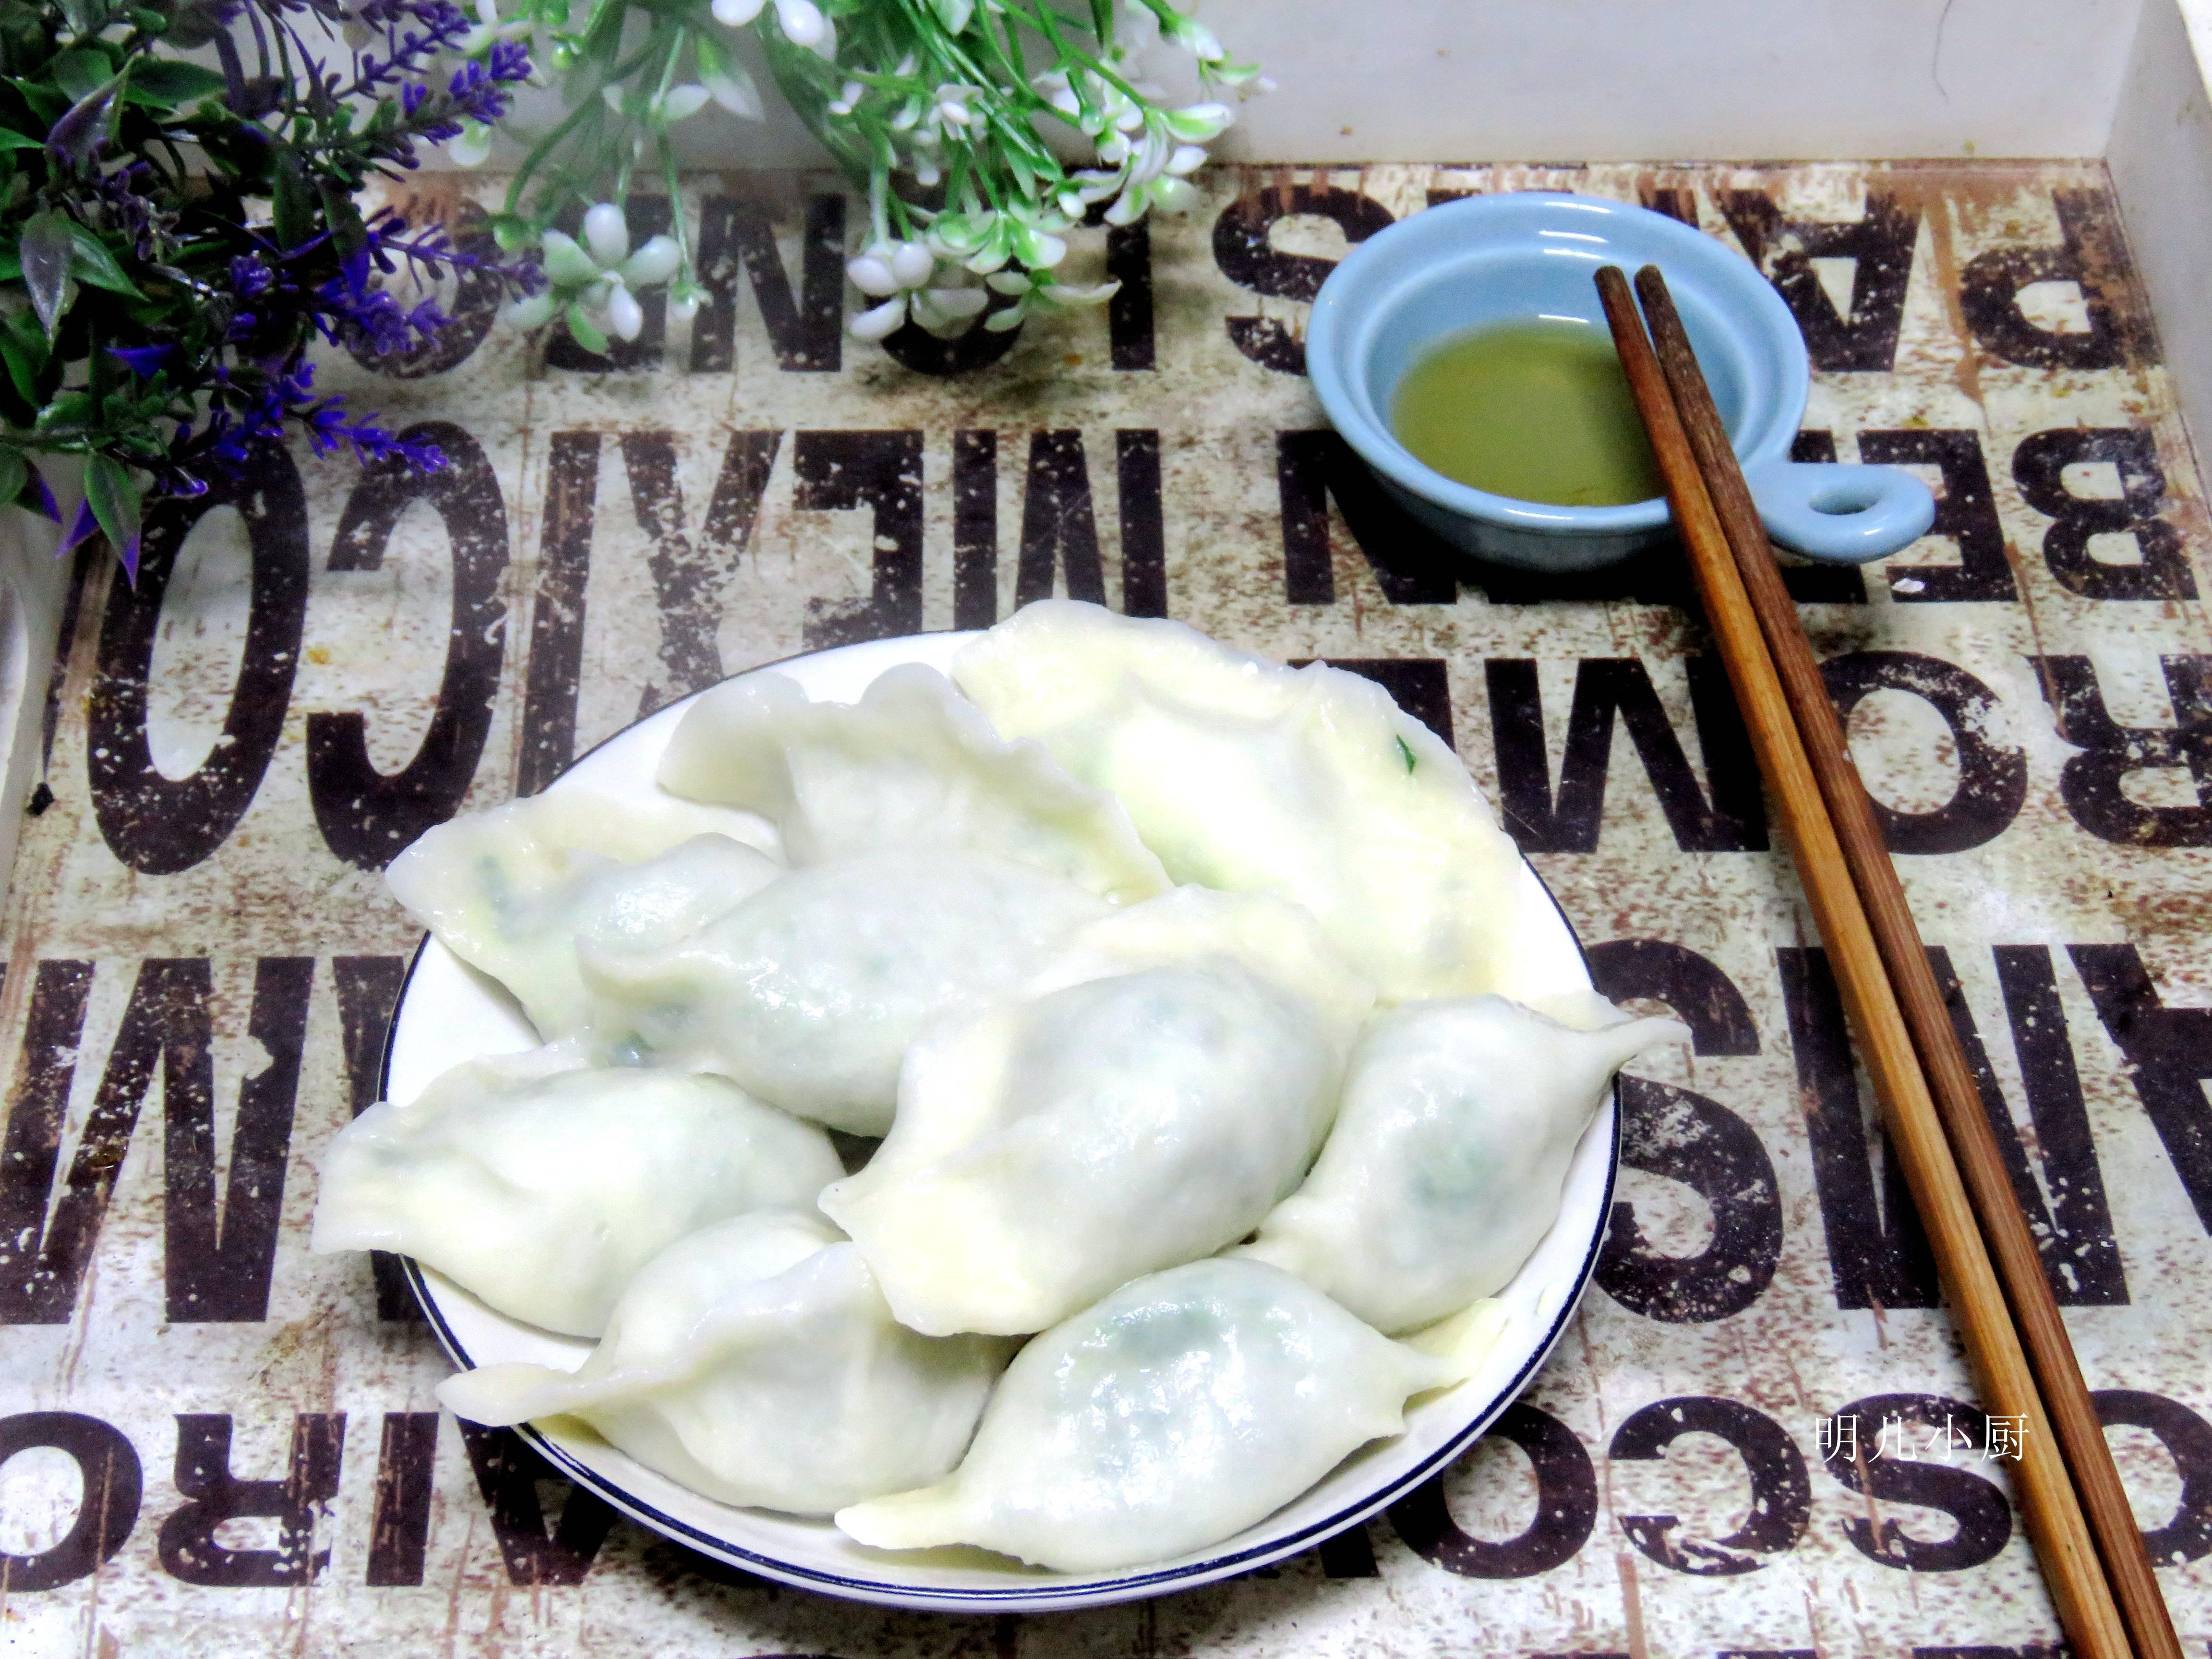 初夏就吃这馅饺子,过些天这菜就不好吃了,鲜香多汁家人爱吃